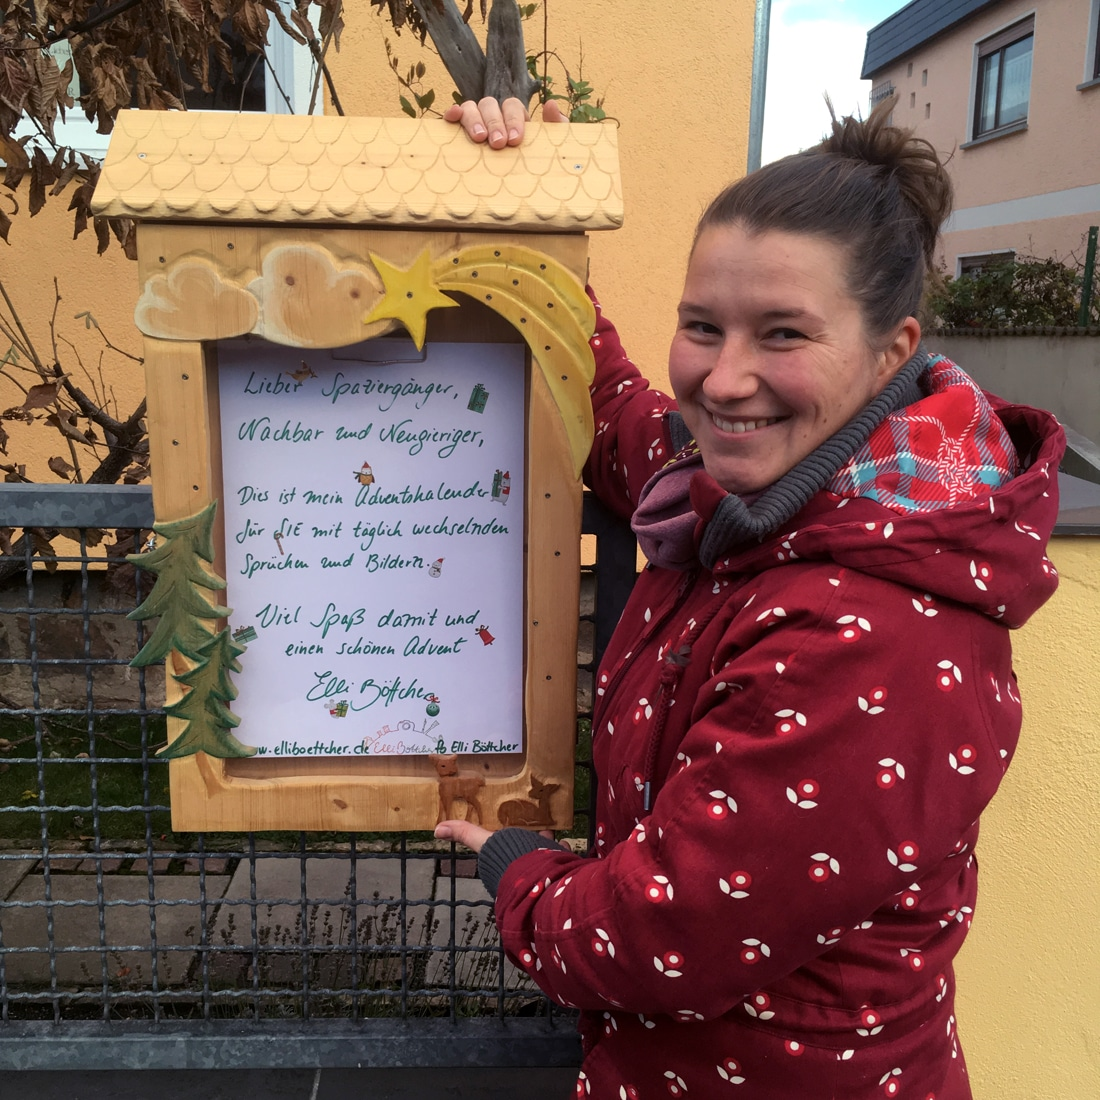 Elli Böttcher mit ihrem Adventskalender-Schaukasten